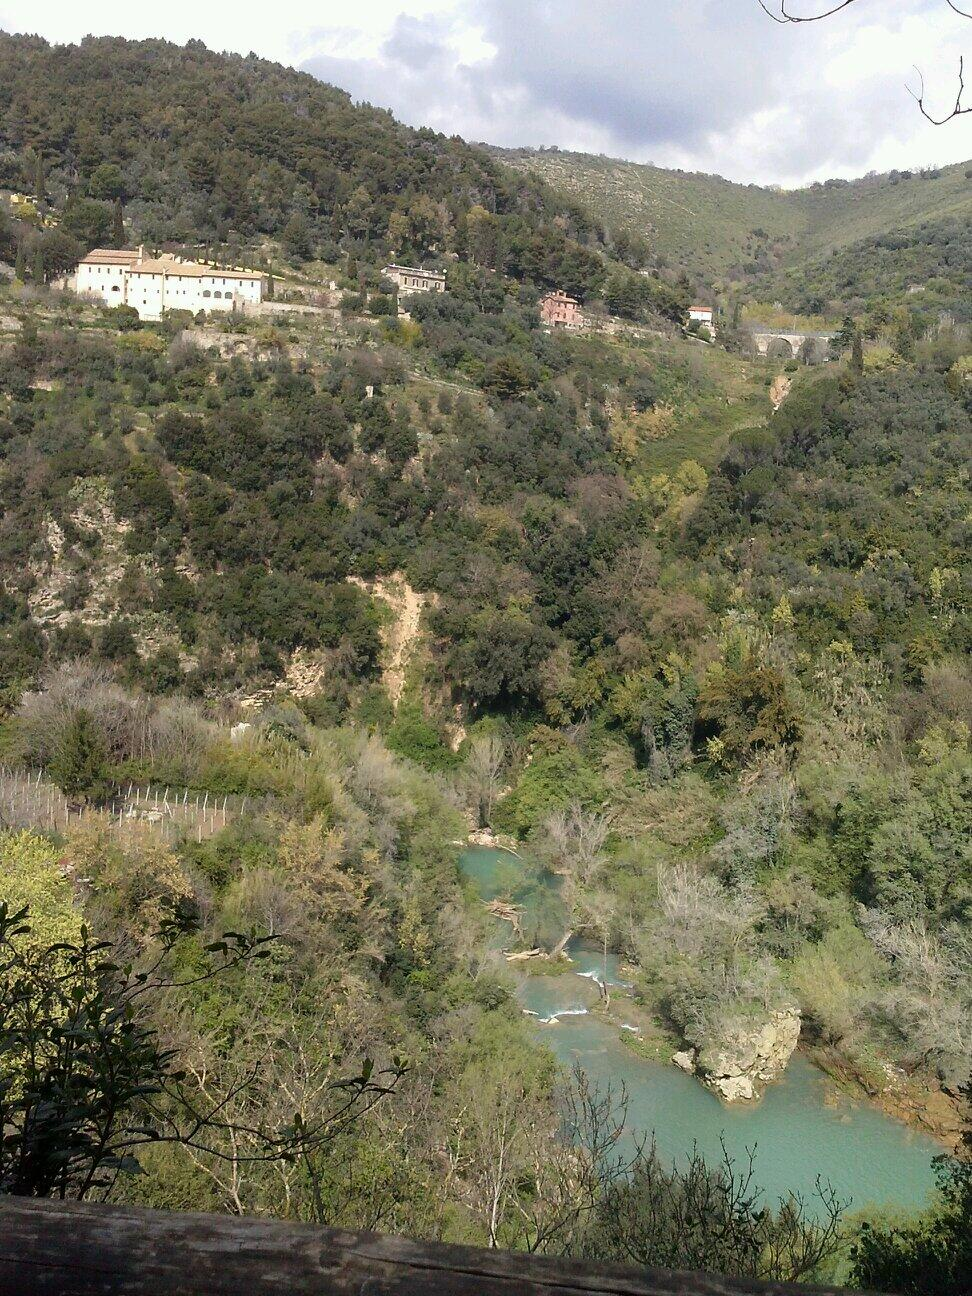 RT @MCaragliano: Tivoli, Parco di Villa Gregoriana. Giornate di Primavera del @Fondoambiente http://t.co/vFKq1epxP6